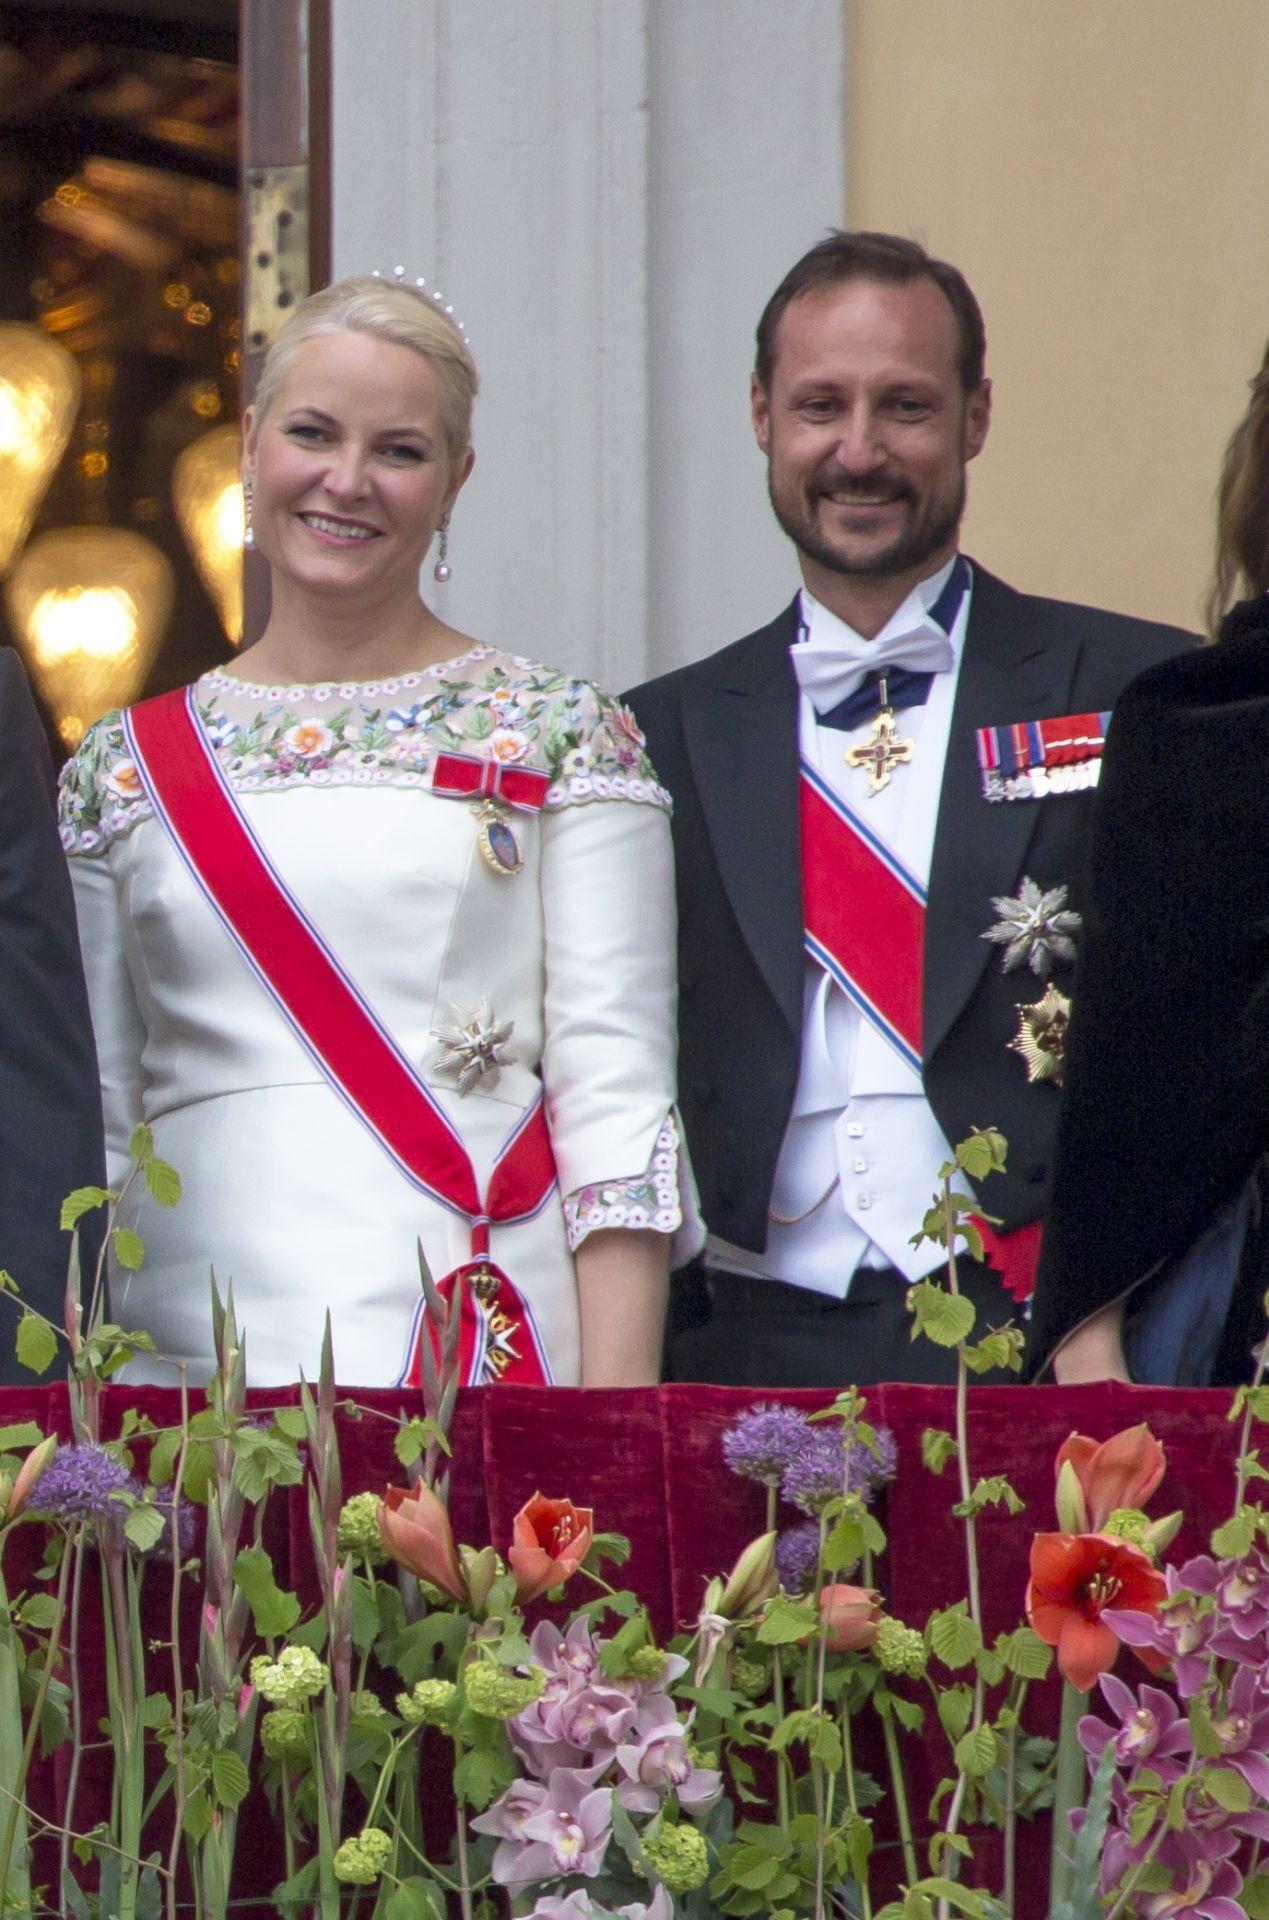 Mette-Marit norvég hercegné, ruháján a királyi családi rangjelzéssel